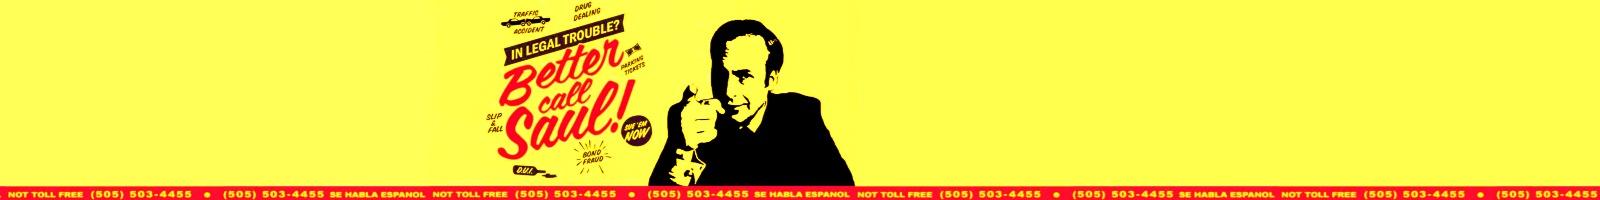 -Better-Call-Saul-Banner-better-call-saul-38140609-1600-200.jpg